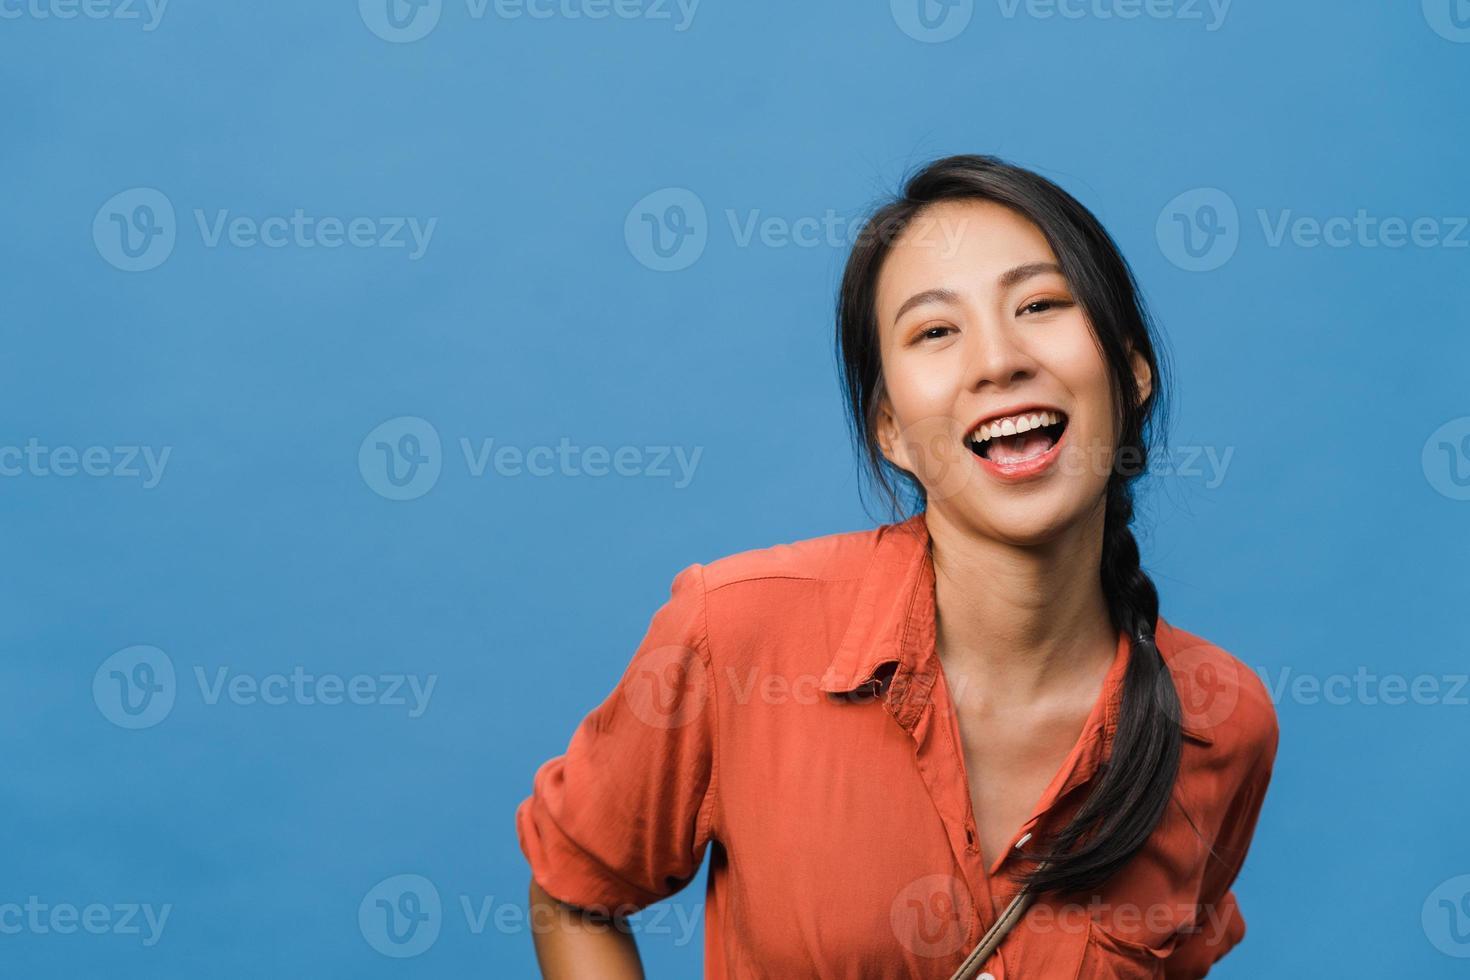 jonge azië dame met positieve uitdrukking, breed glimlachen, gekleed in casual kleding en camera kijken over blauwe achtergrond. gelukkige schattige blije vrouw verheugt zich over succes. gezichtsuitdrukking concept. foto